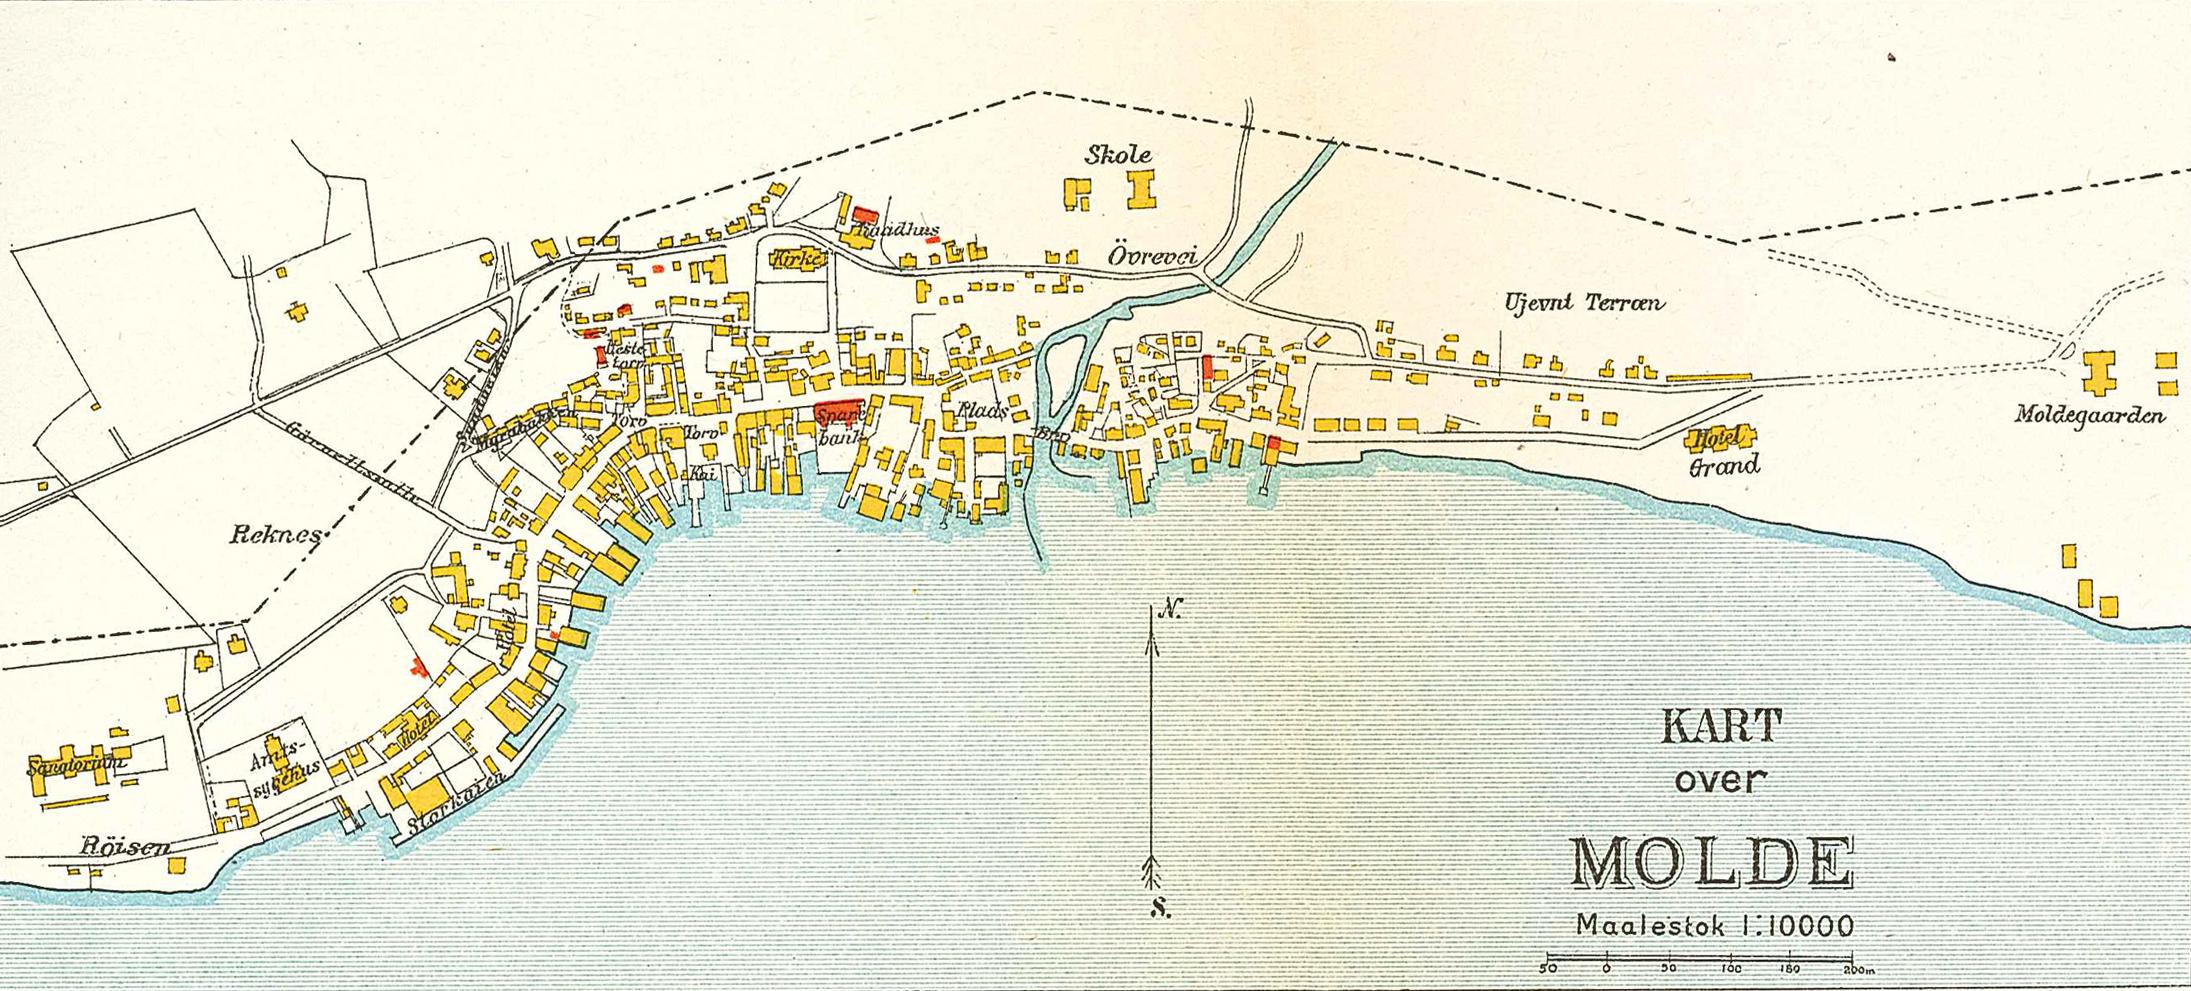 kart molde File:Molde map 1911.   Wikimedia Commons kart molde